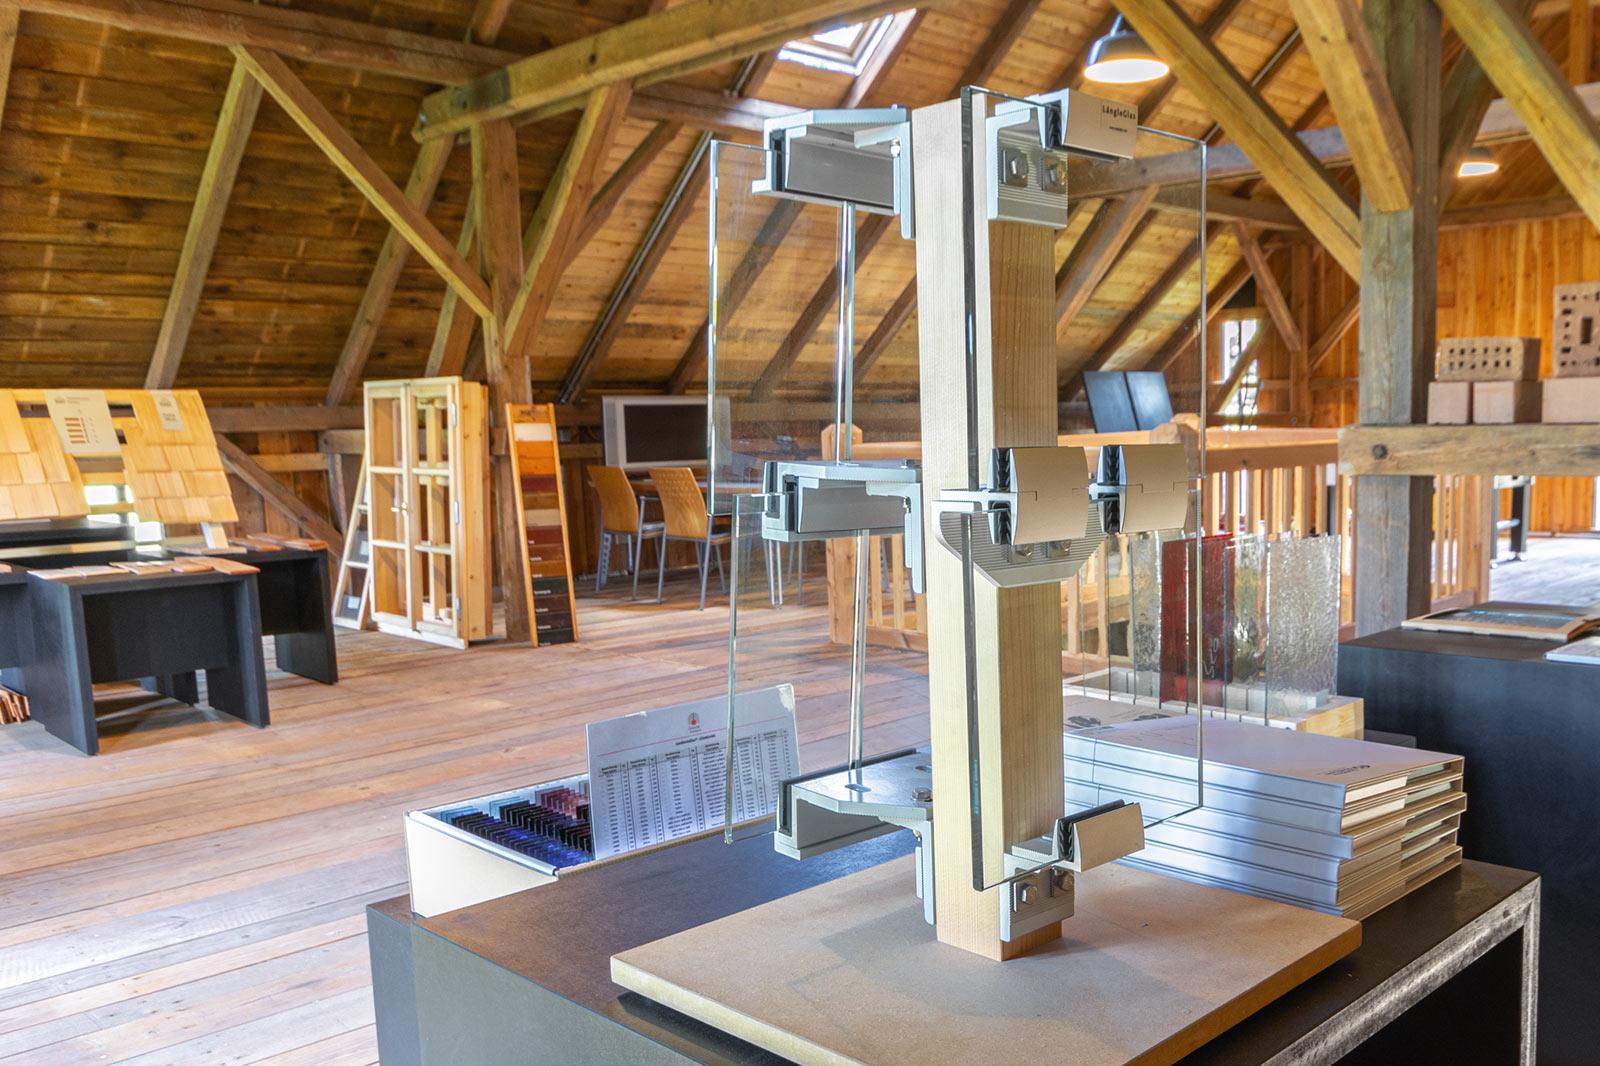 Holz Denkmalschutz Architektur Schönberger Architekturstadel